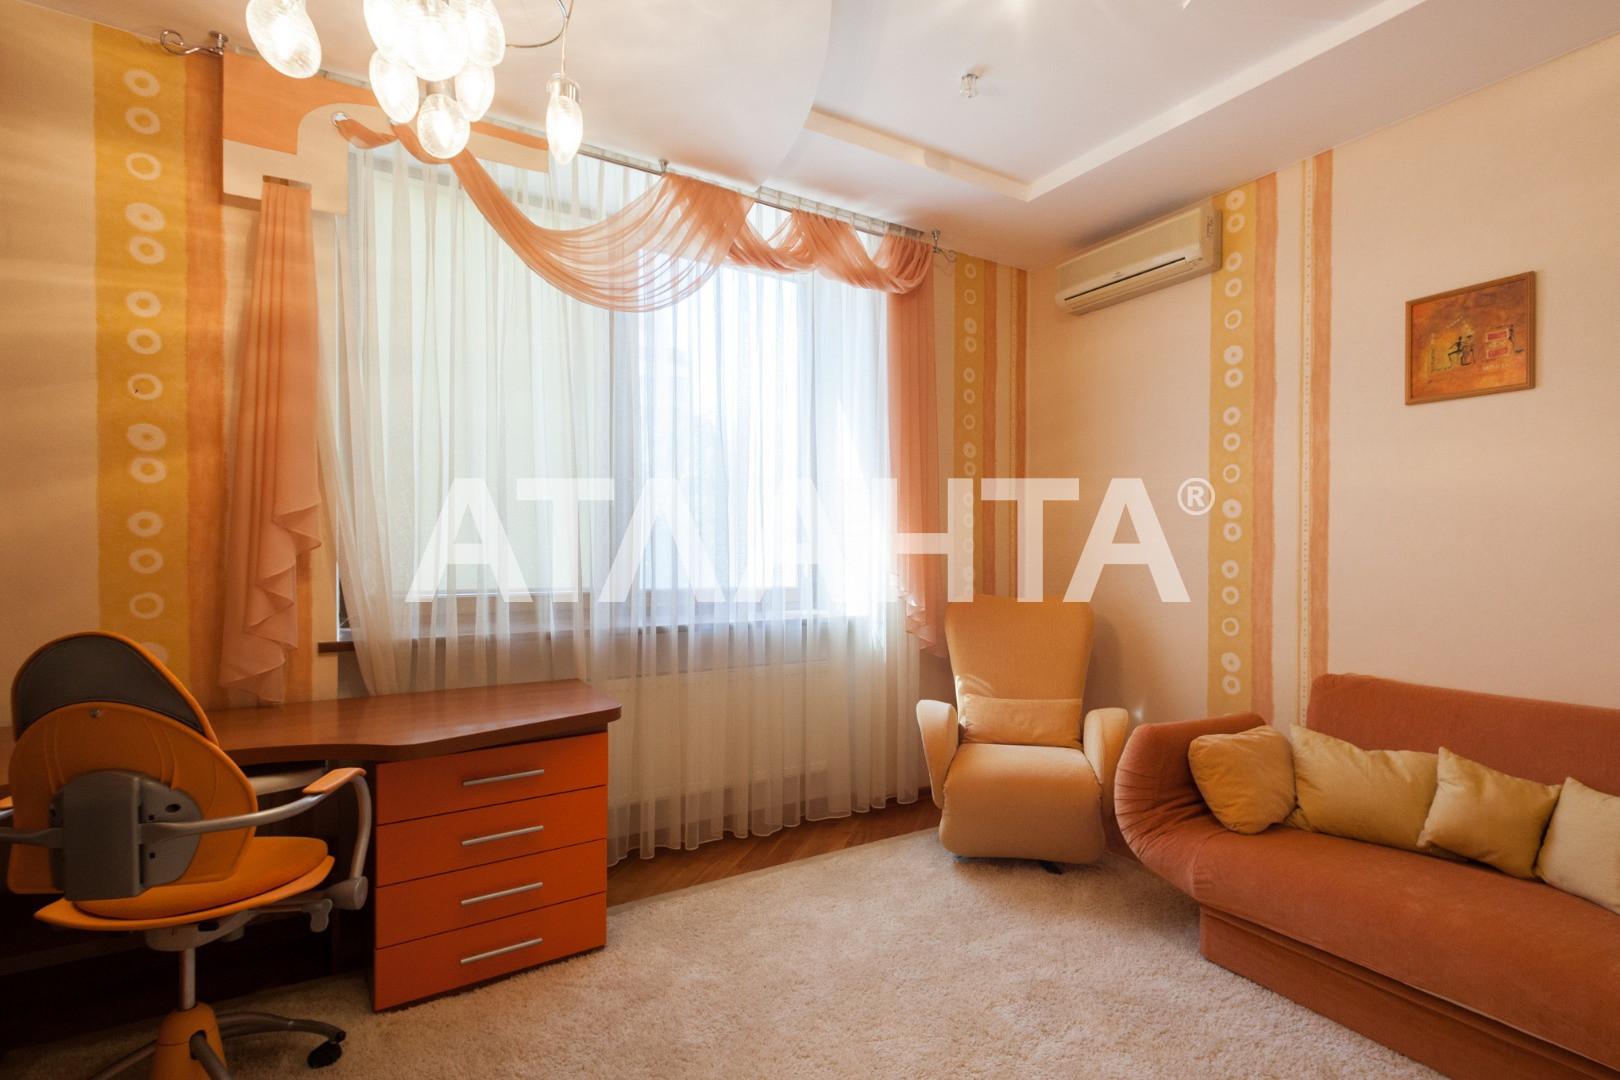 Продается 3-комнатная Квартира на ул. Педагогический Пер. — 230 000 у.е. (фото №4)